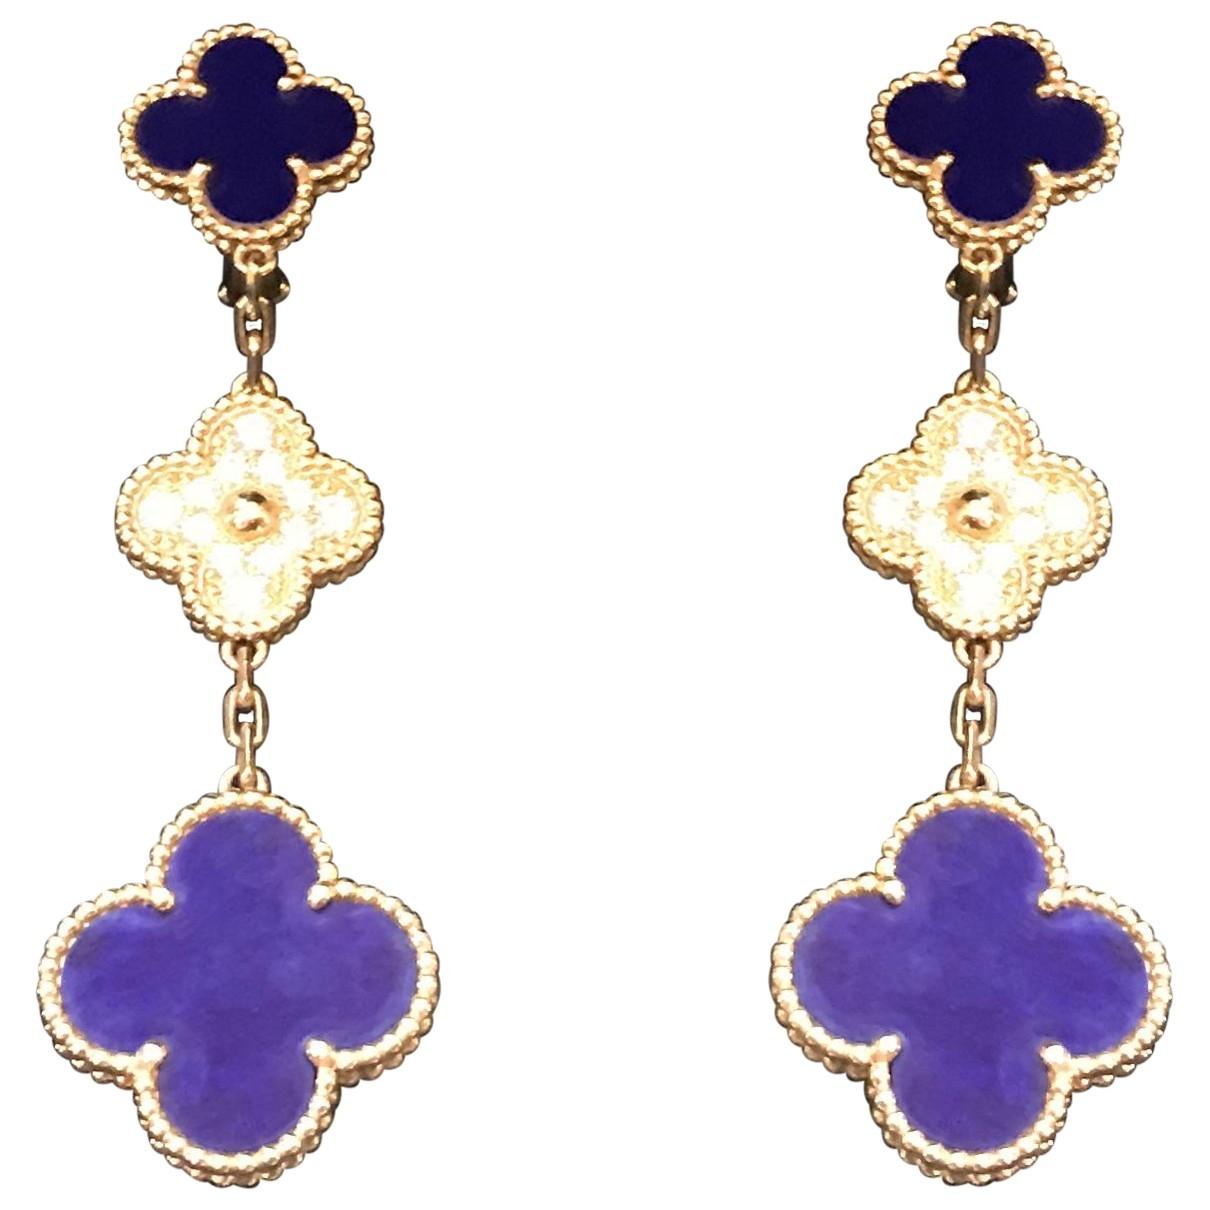 Van Cleef & Arpels - Boucles doreilles Magic Alhambra pour femme en or jaune - bleu